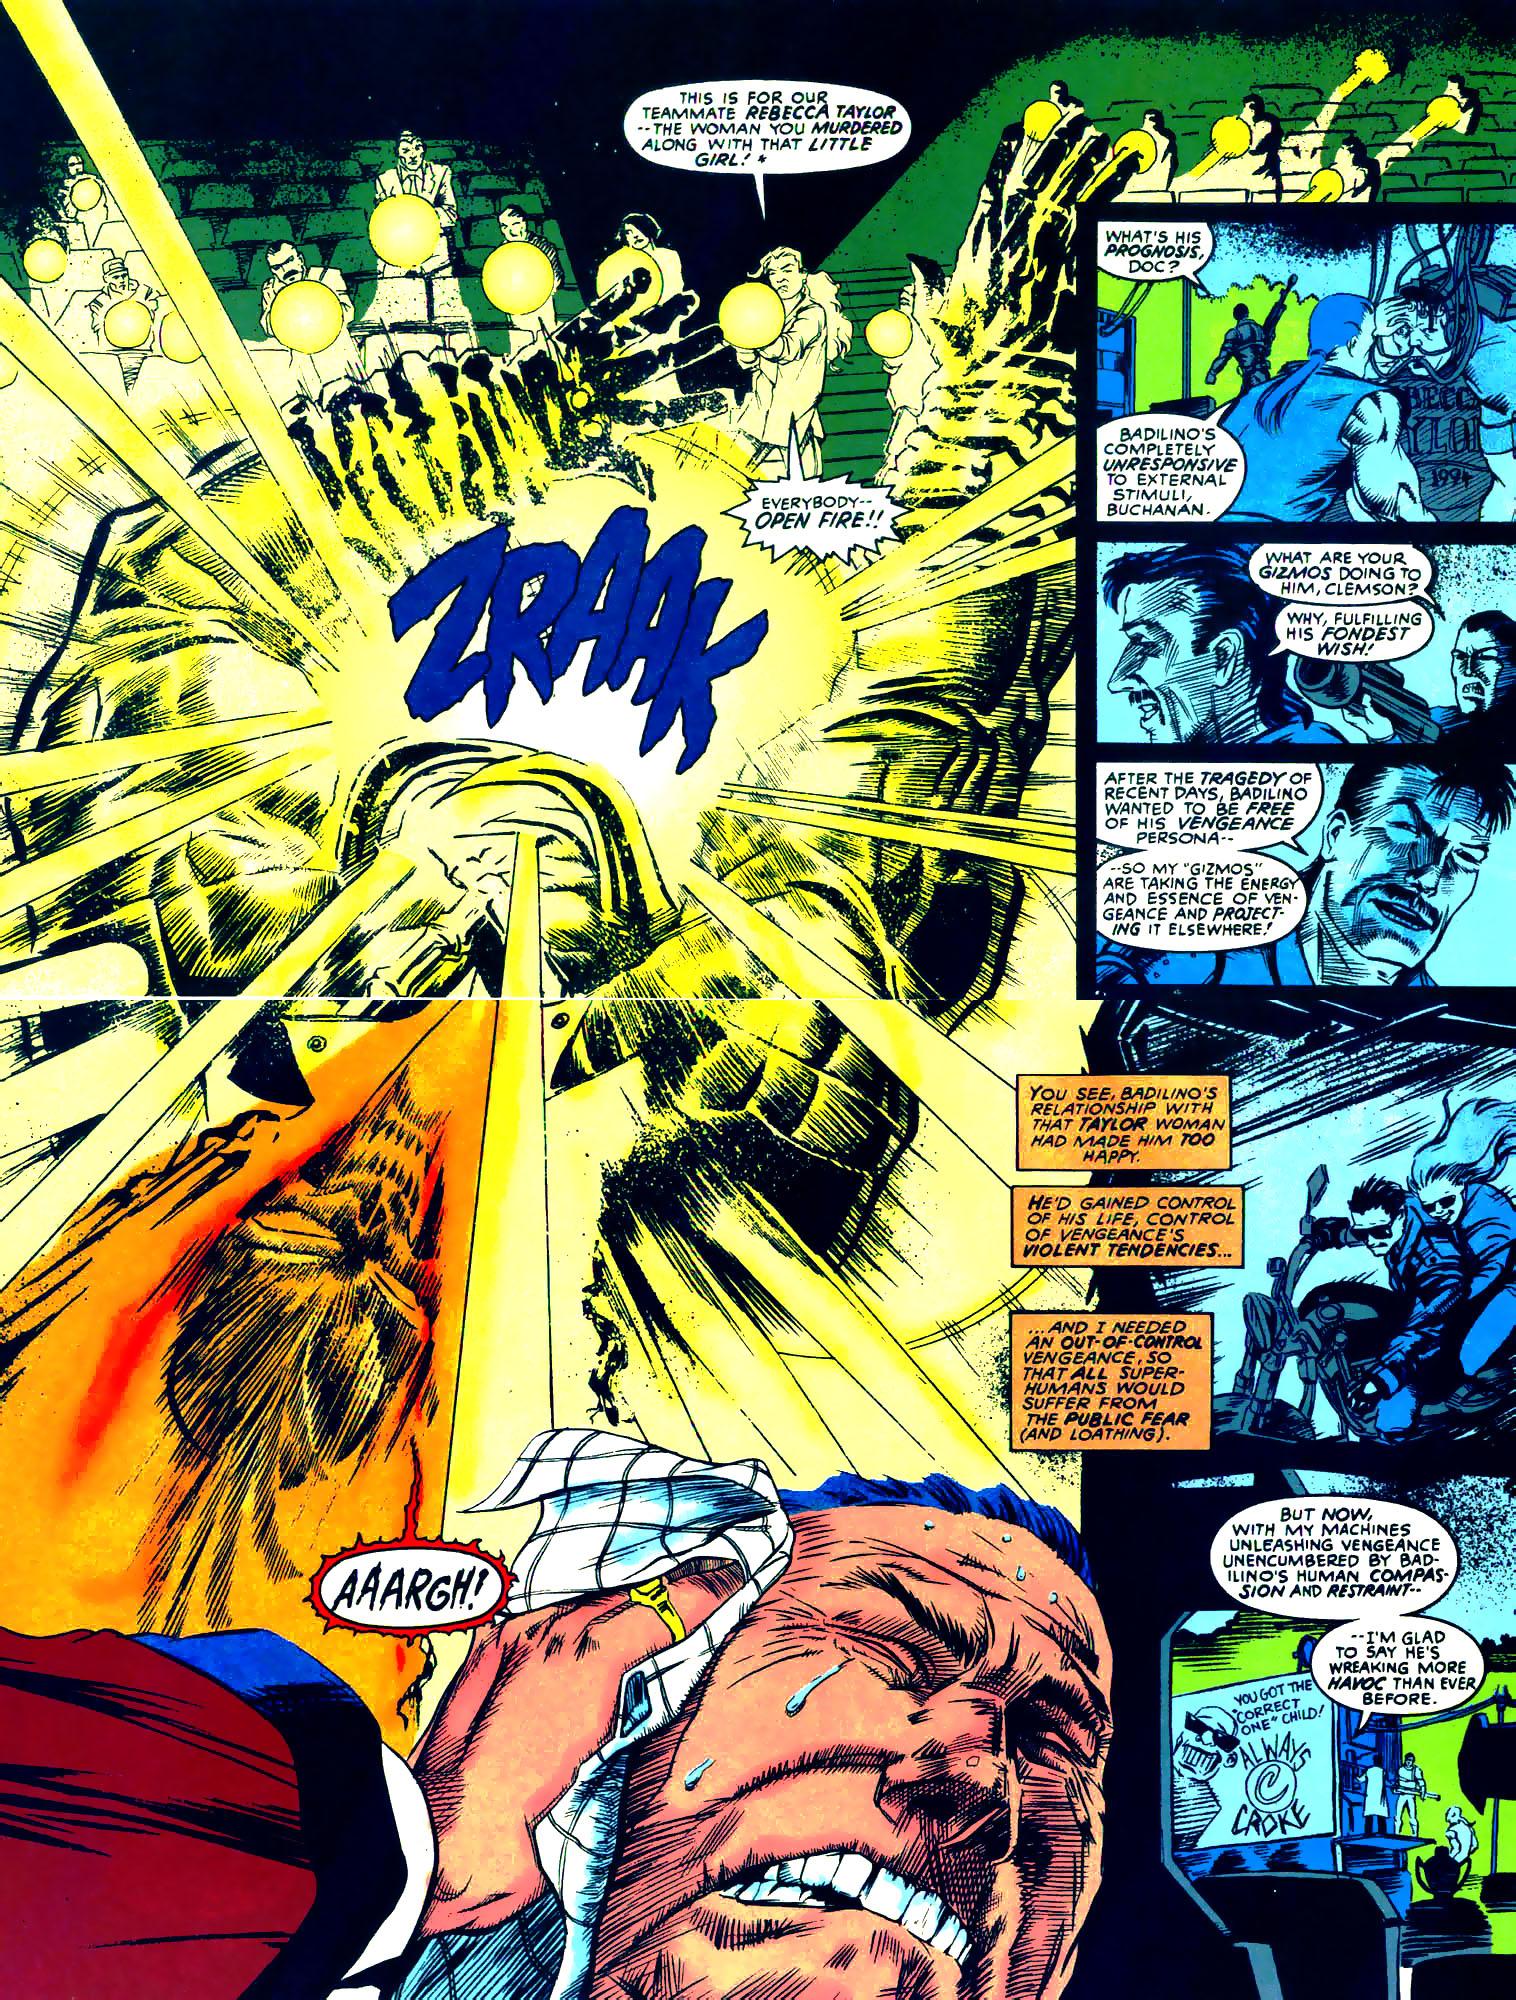 Marvel Comics Presents (1988) chap 175 pic 31